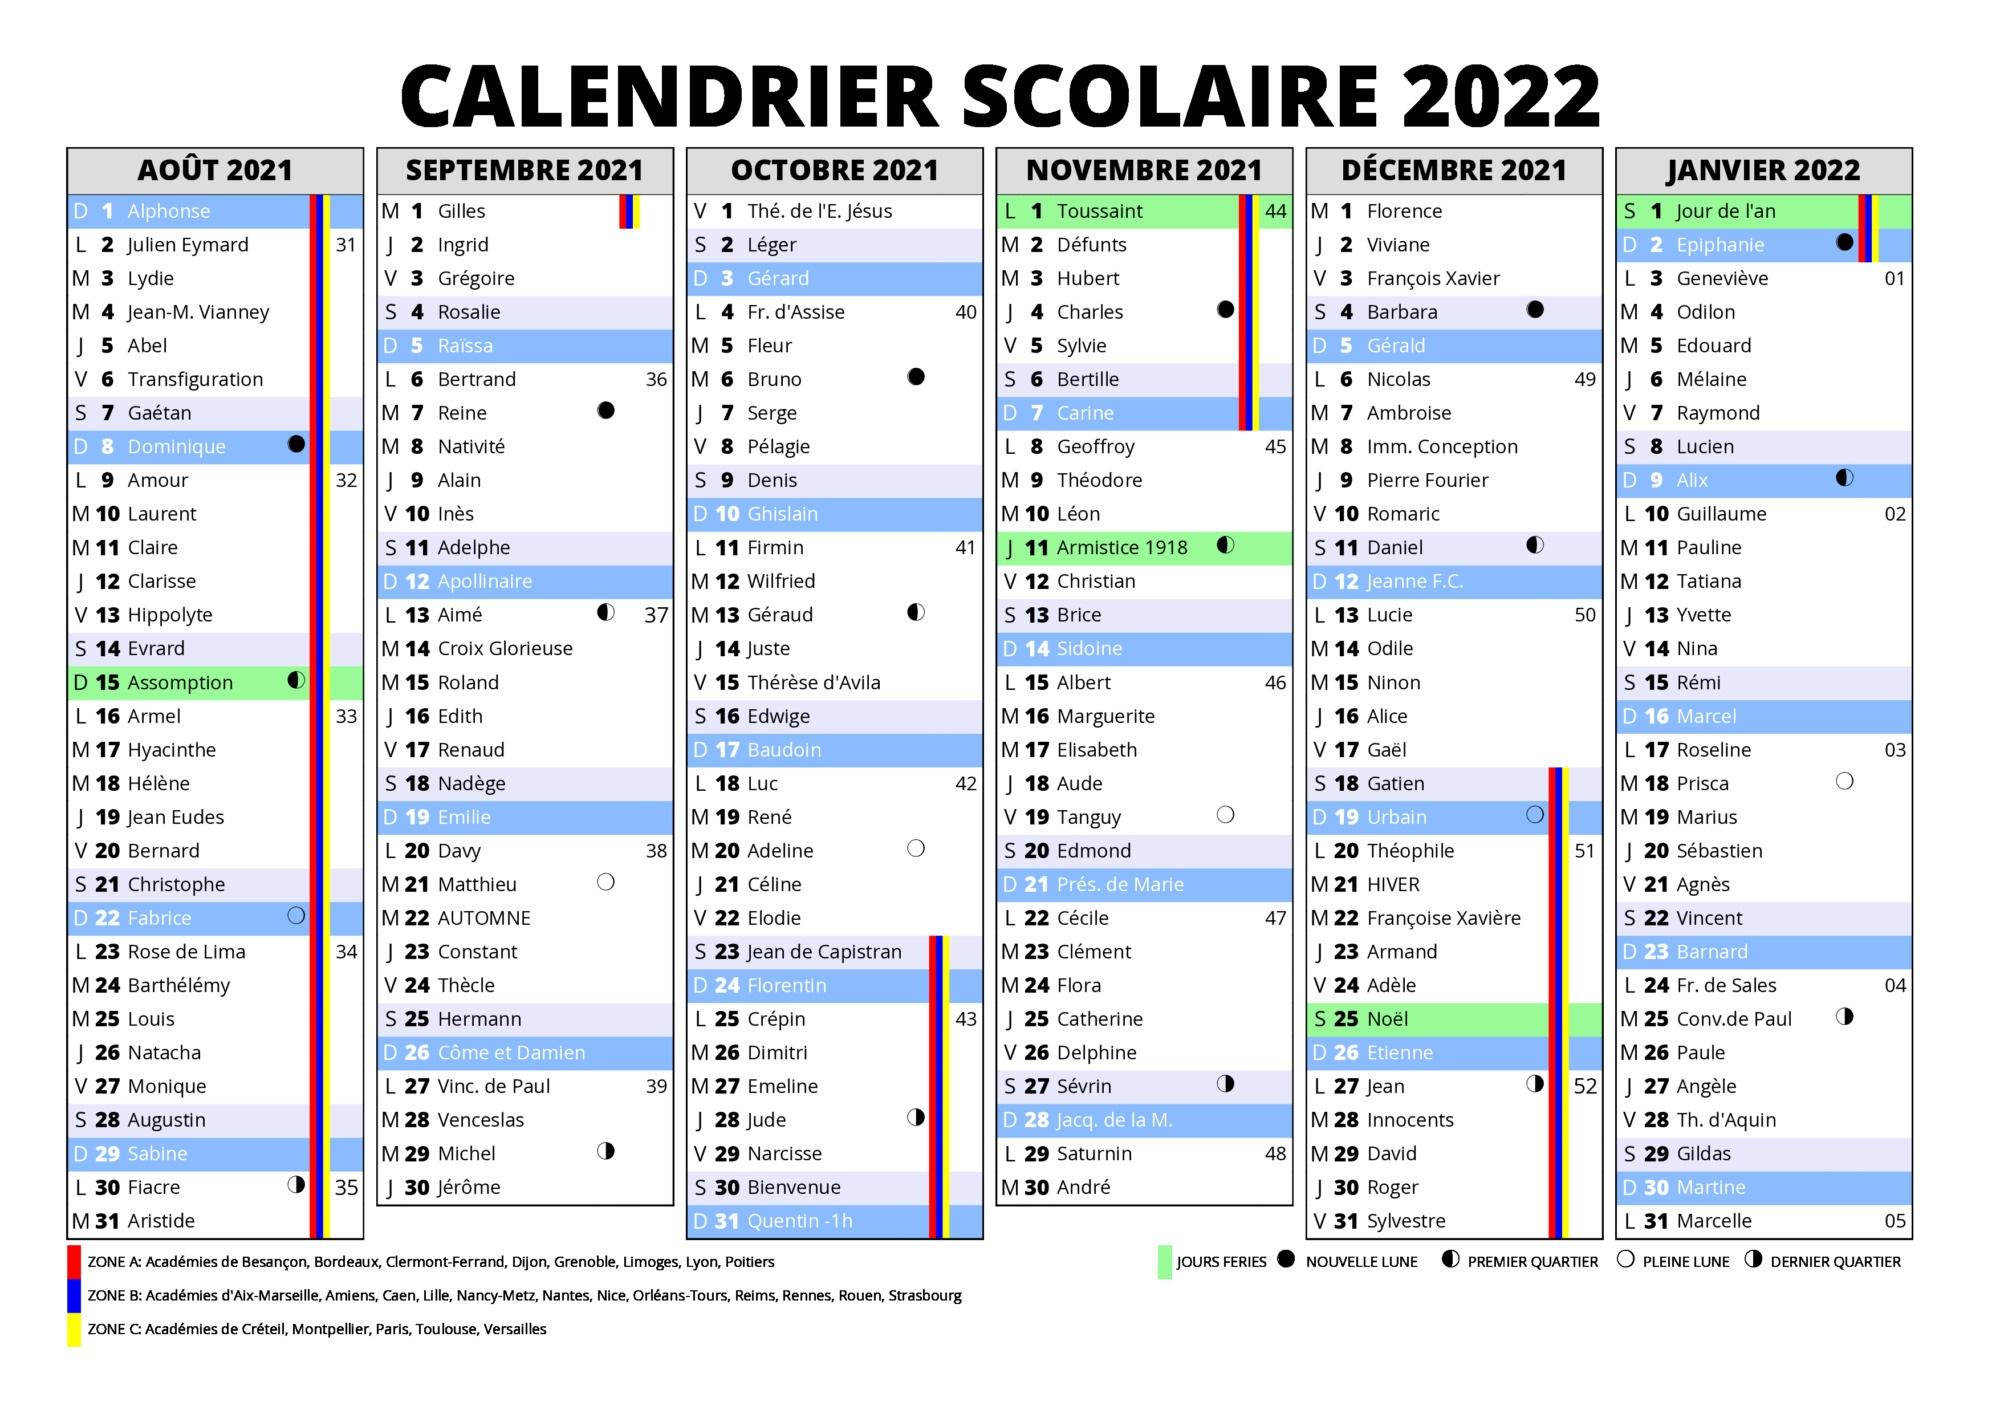 Calendrier Can 2022 Pdf Bordeaux Calendrier 2021 2022 Vacances Scolaires [PDF] | 2021